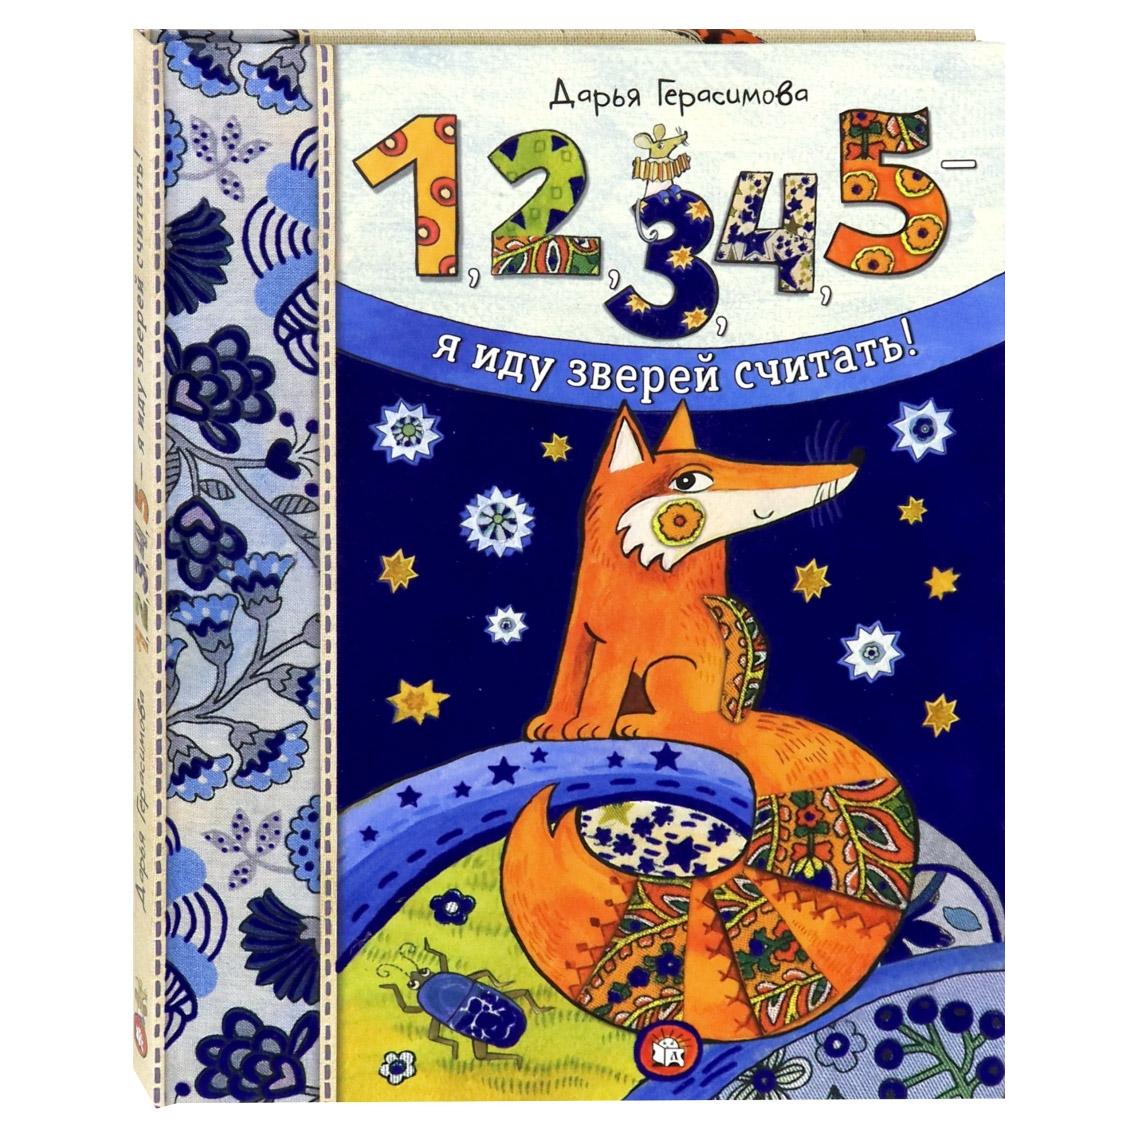 Купить Книга Лабиринт 1, 2, 3, 4, 5 - я иду зверей считать!, Лабиринт Пресс,